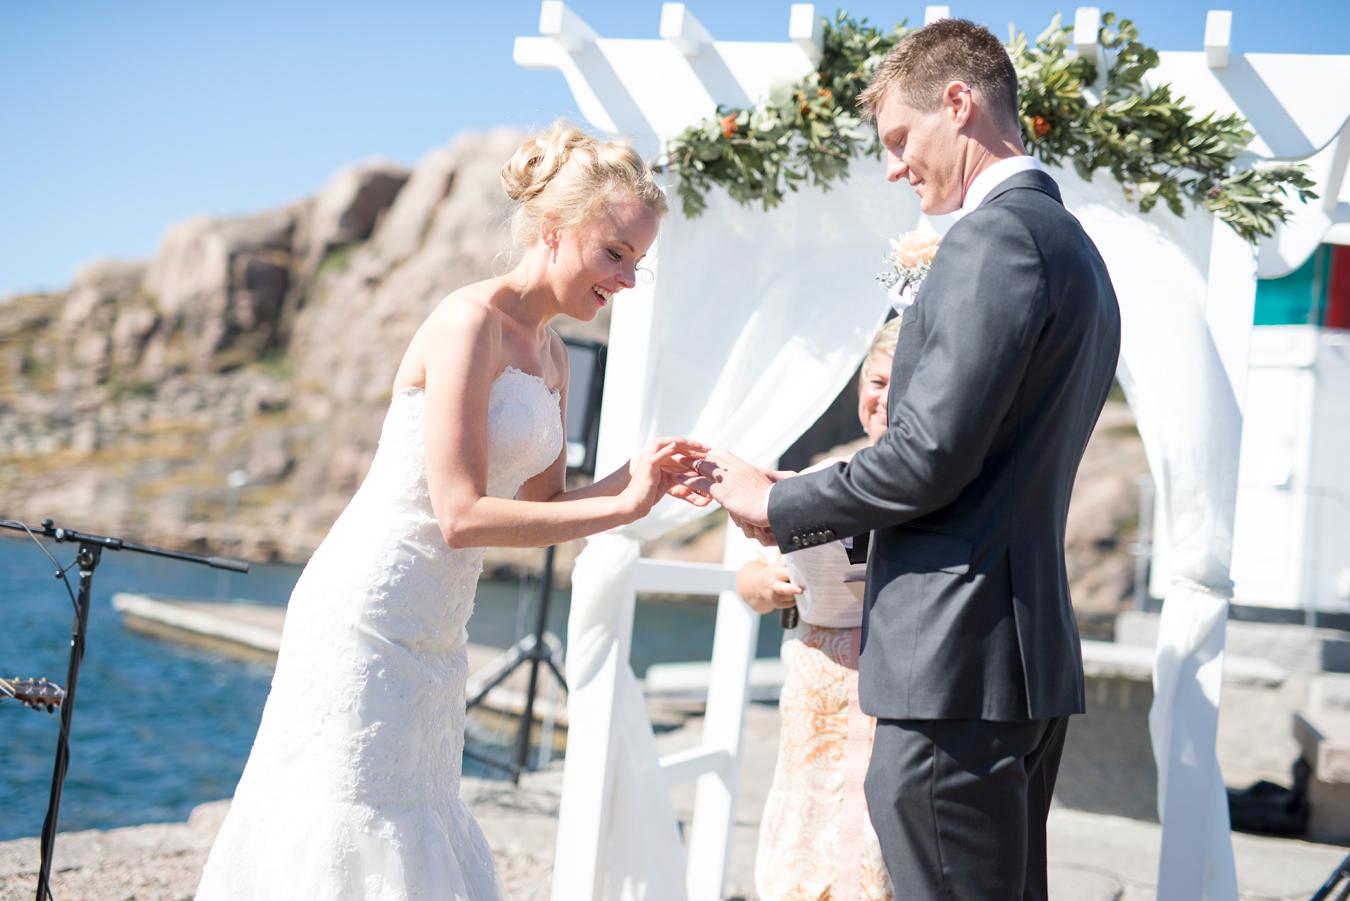 029-bröllopsfotograf-ulebergshamn-göteborg-neas-fotografi.jpg